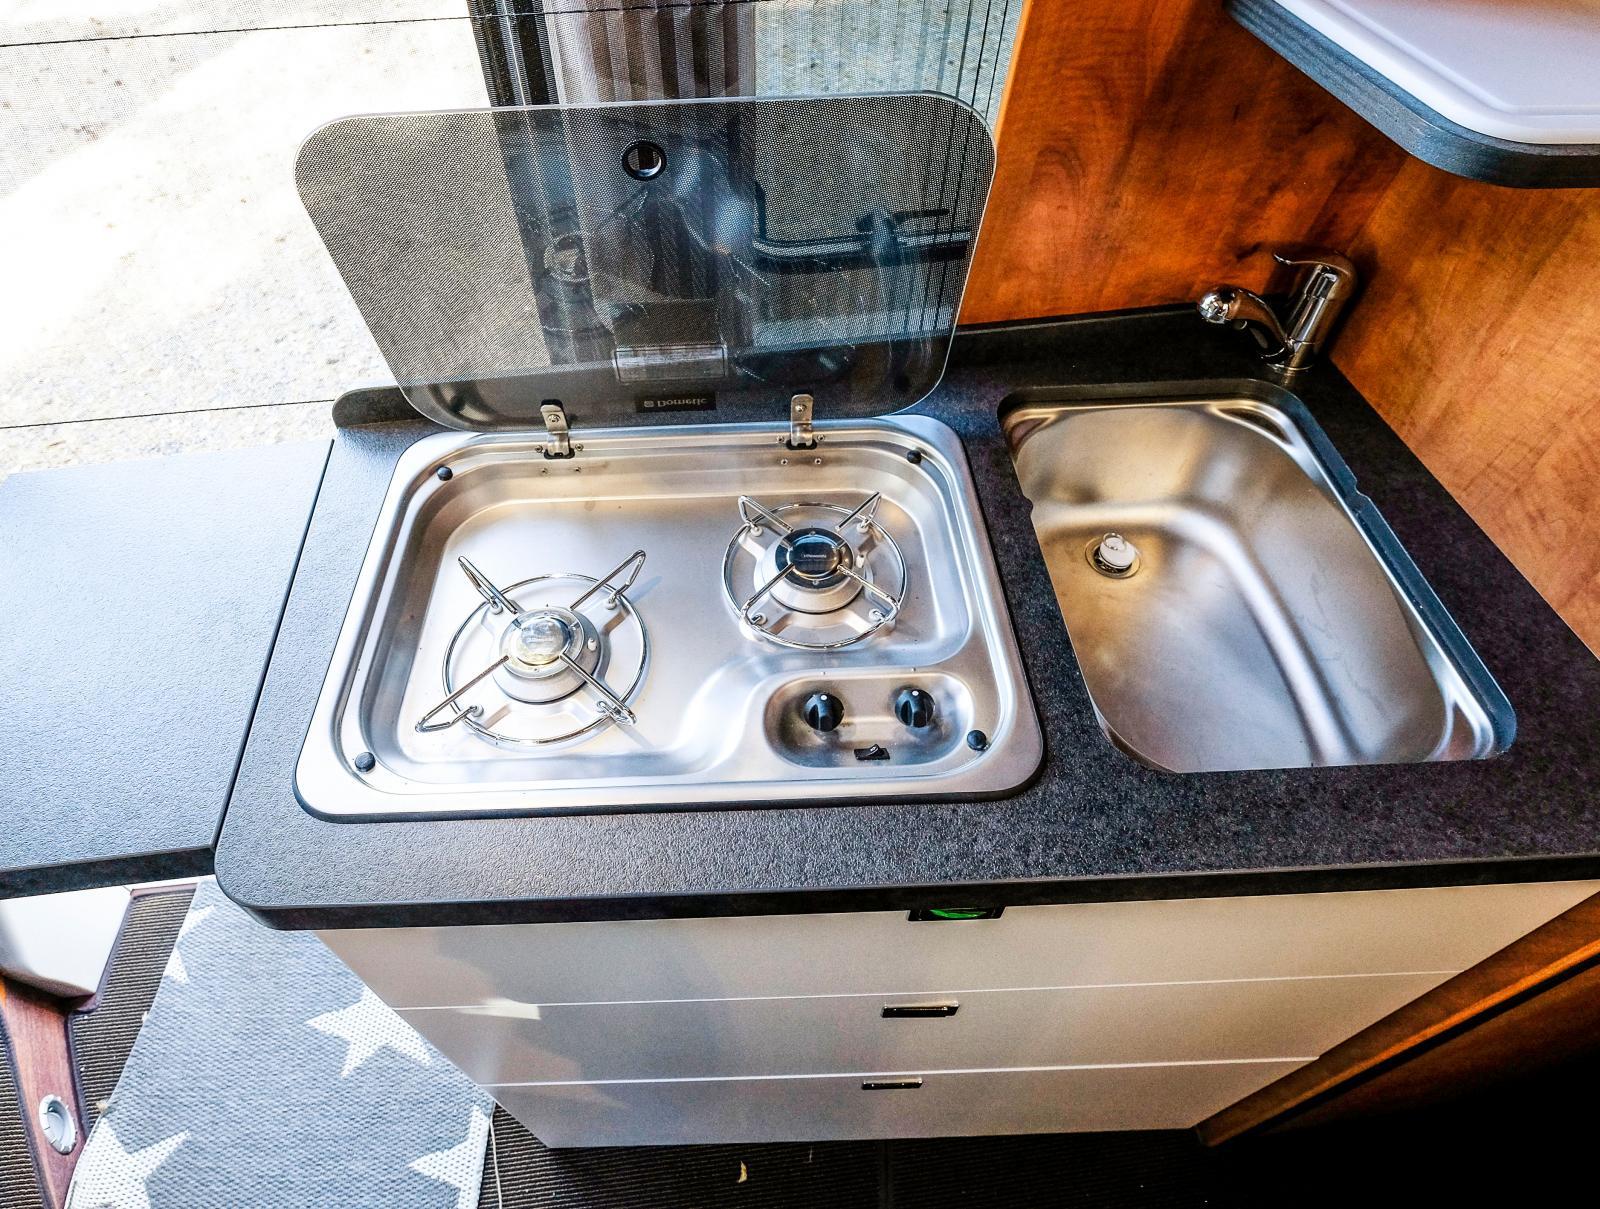 Köksmodul i en Malibu plåtis med uppfällbar avlastningsyta. Med skjutdörren öppen får man god köksventilation.